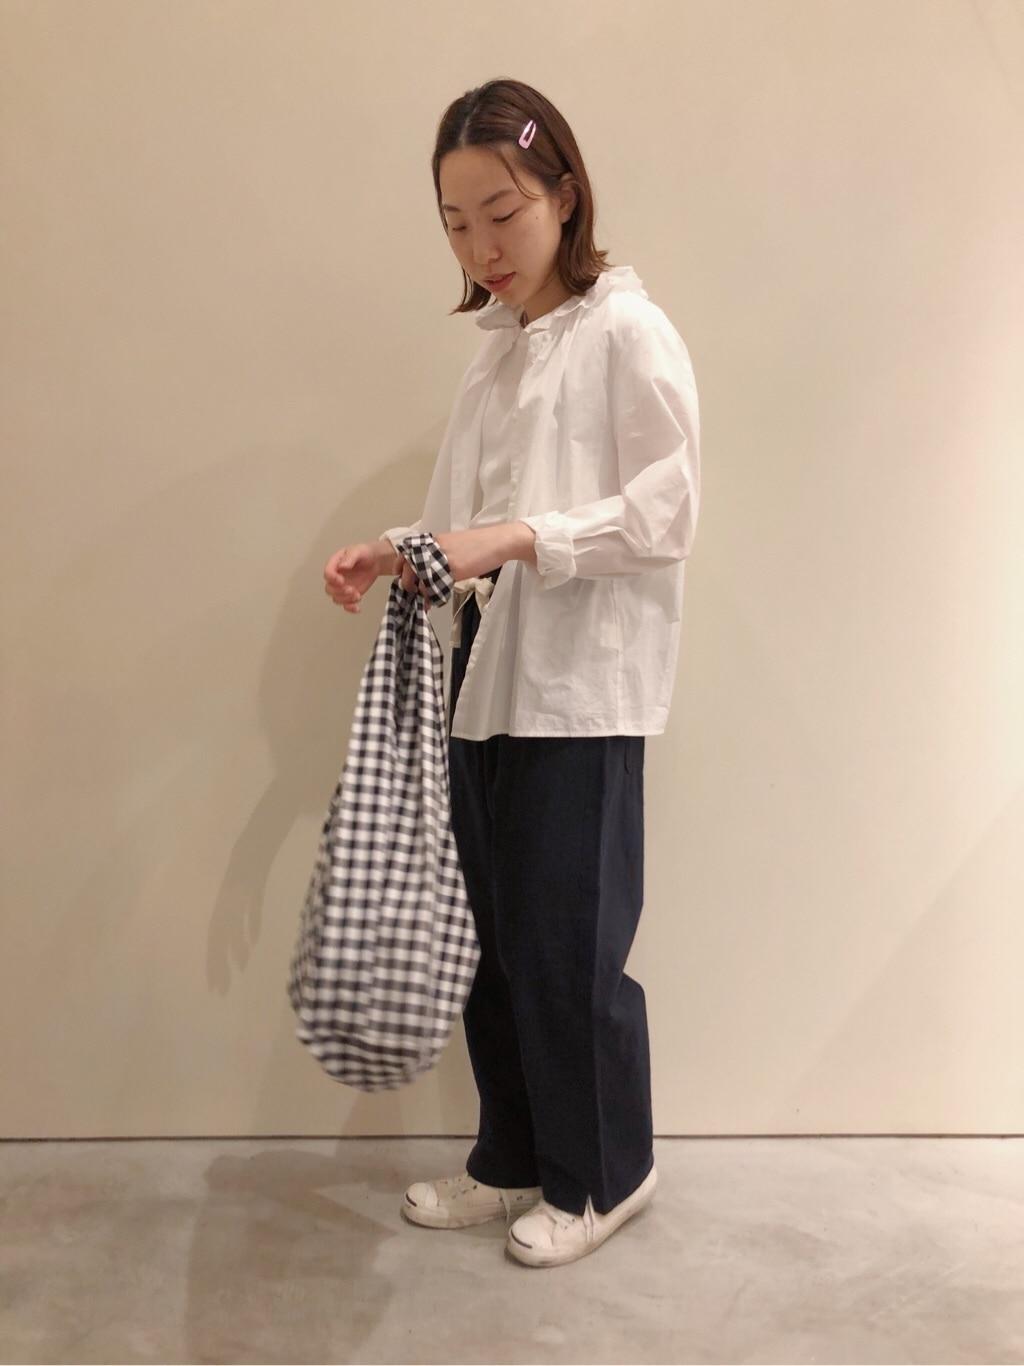 - CHILD WOMAN CHILD WOMAN , PAR ICI 新宿ミロード 身長:159cm 2021.05.06